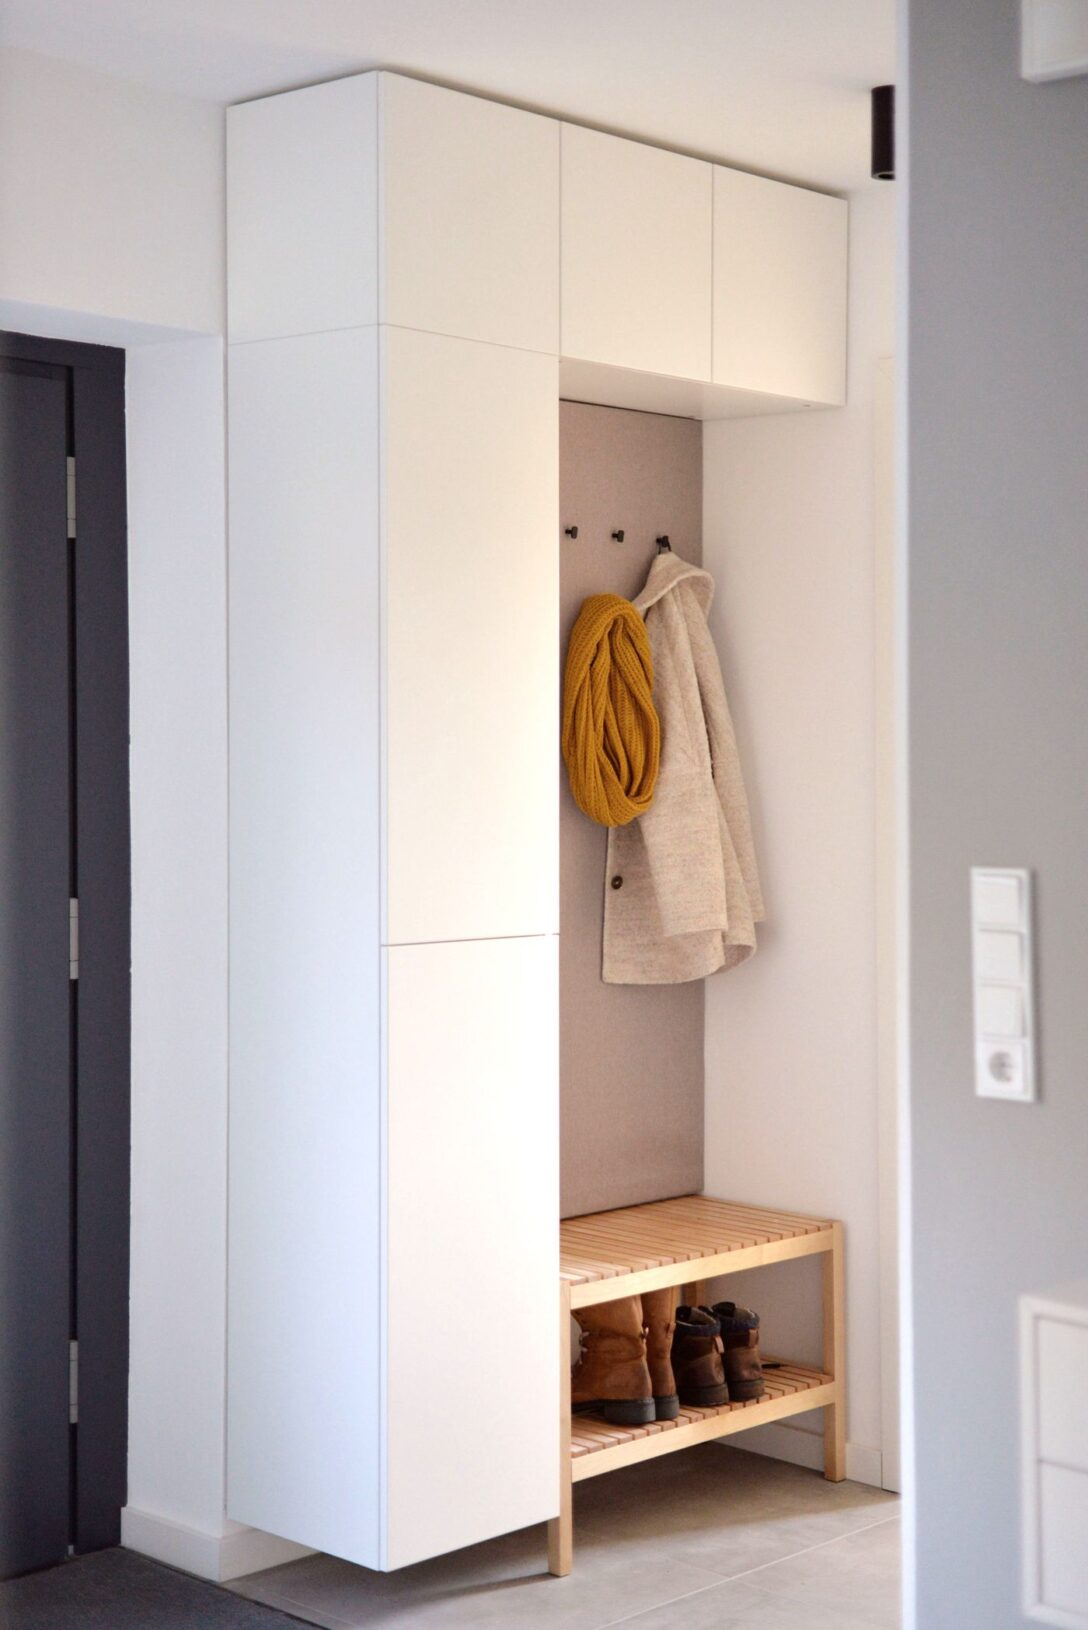 Large Size of Ikea Hacks Aufbewahrung 6 Praktische Fr Den Flur Solebichde Küche Kosten Aufbewahrungssystem Betten Bei Aufbewahrungsbox Garten Bett Mit Wohnzimmer Ikea Hacks Aufbewahrung